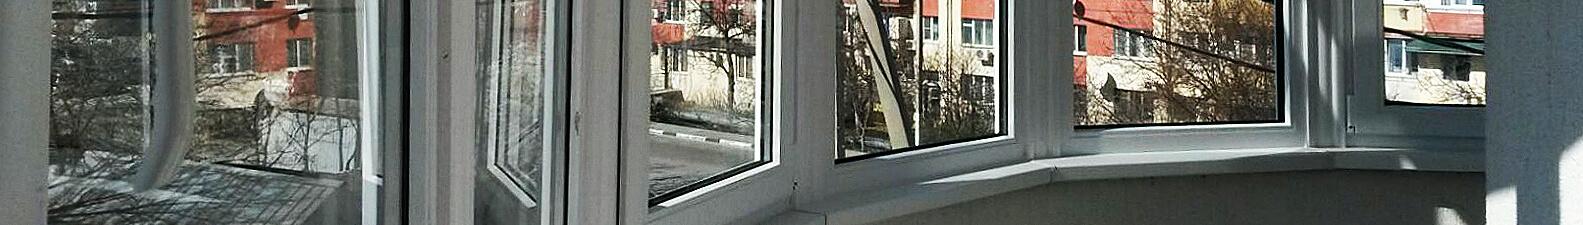 Панорамное остекление балконов